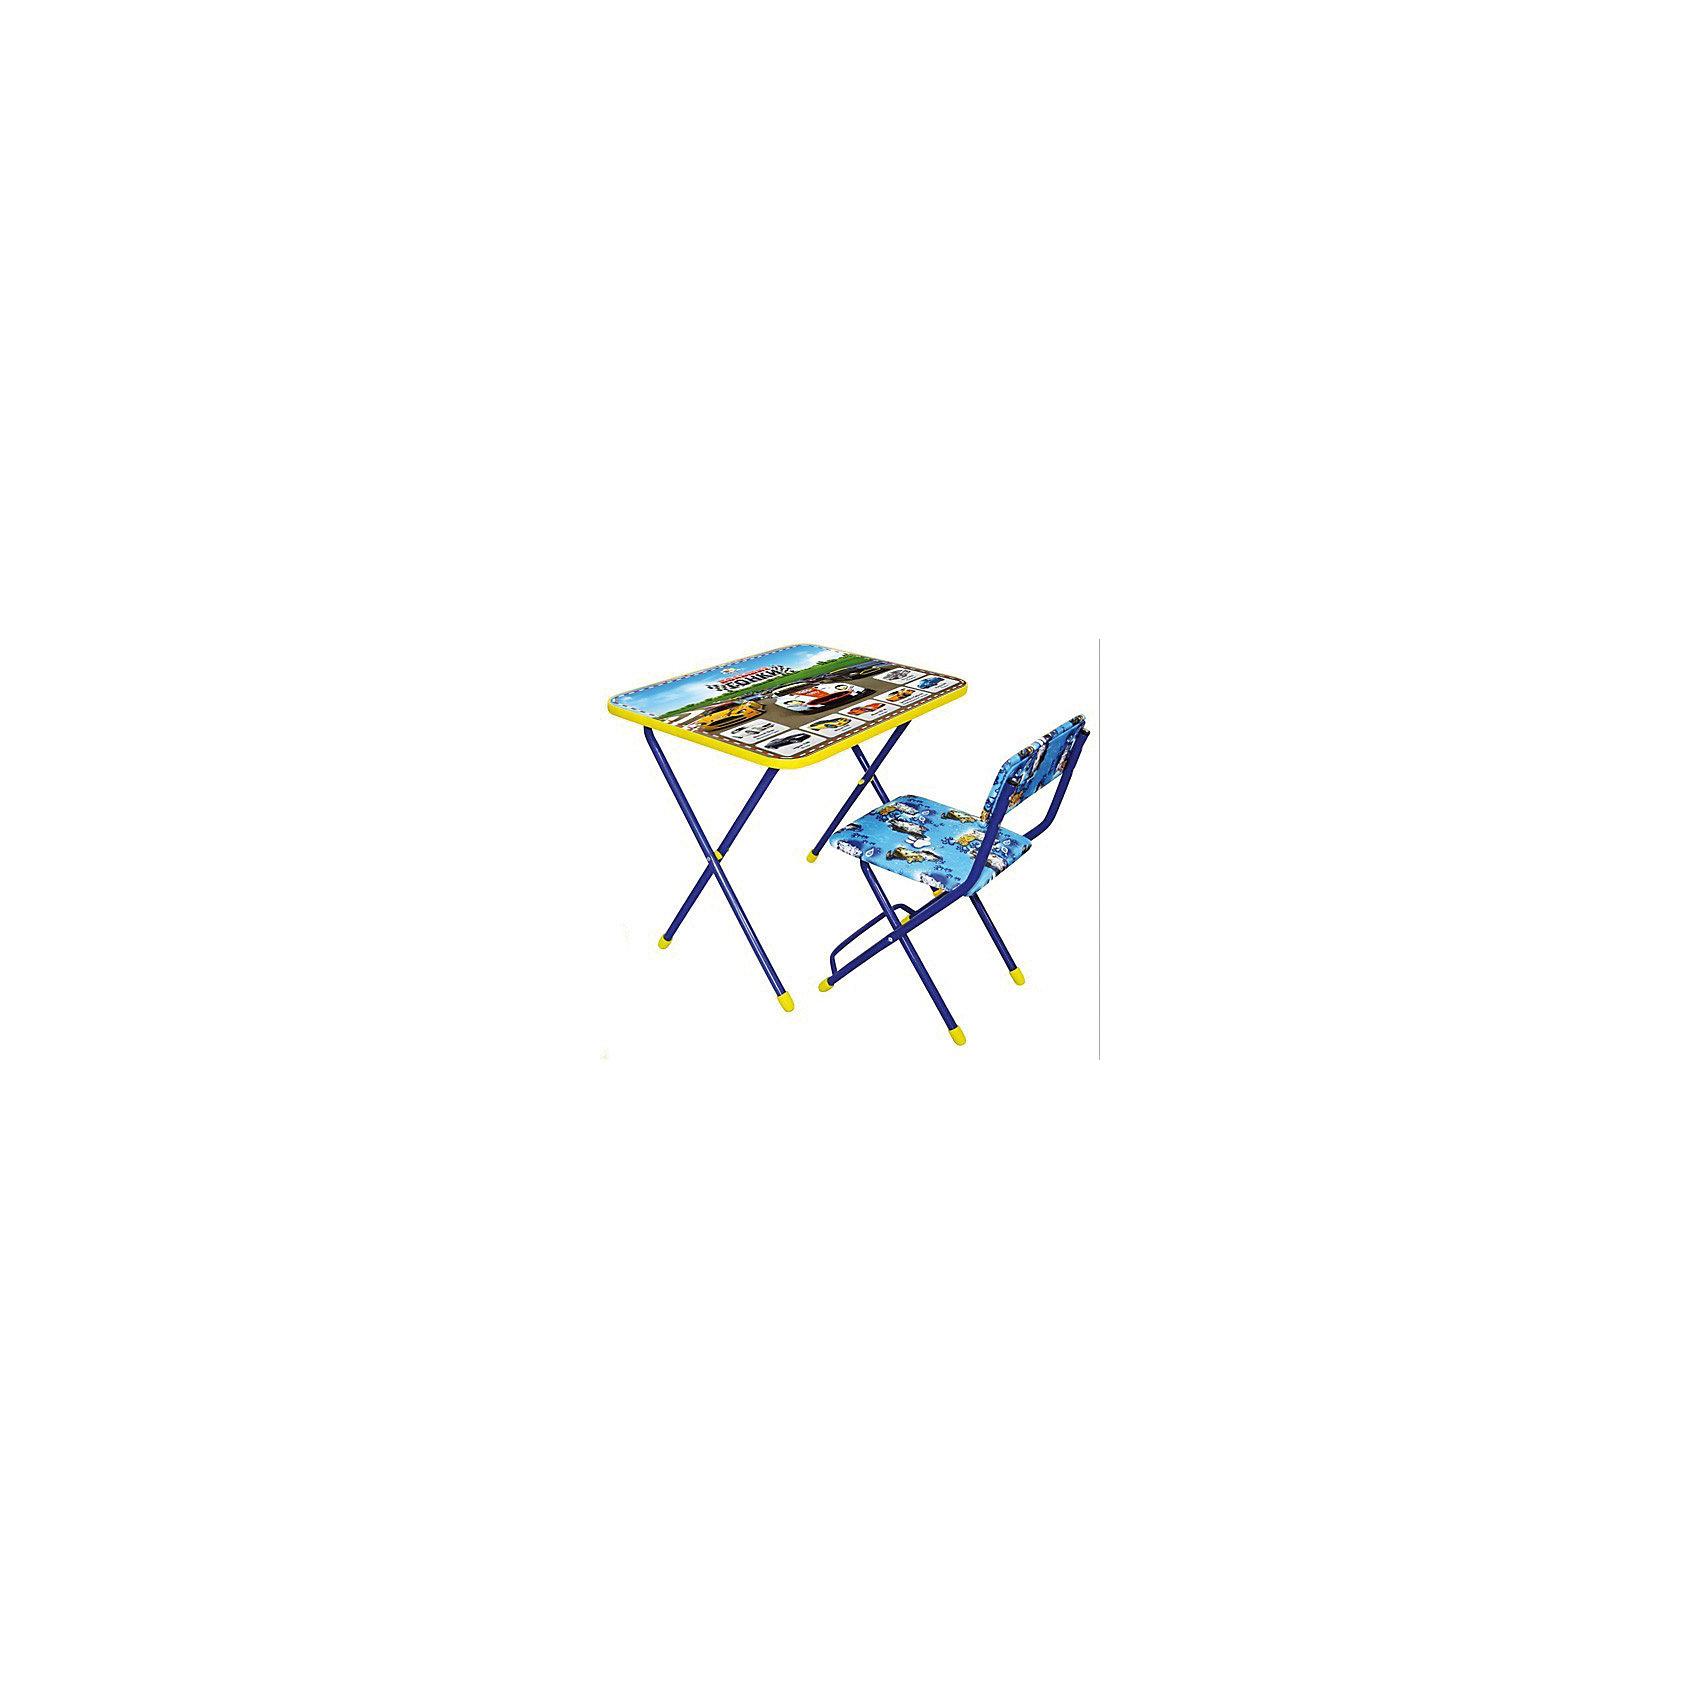 Ника Набор мебели Большие гонки столы и стулья ника набор мебели маша и медведь стол парта мягкий стул